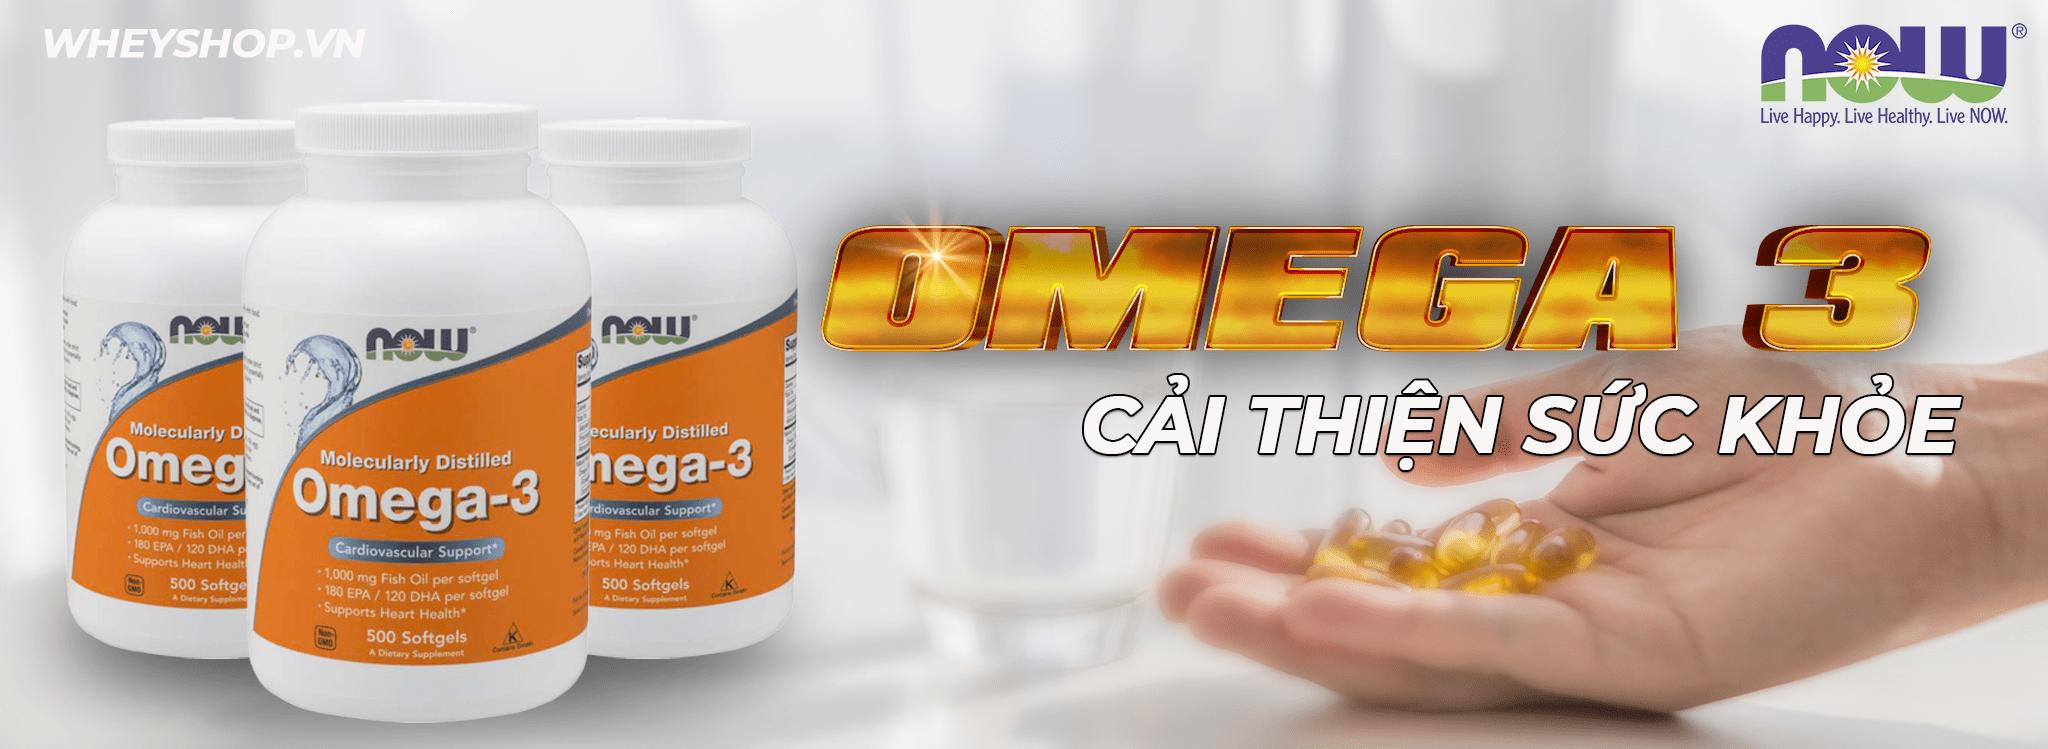 Now Omega 3 500 viên là sản phẩm bổ sung chất béo tốt thiết yếu có lợi cho sức khỏe. Now Omega 3 500 viên giá rẻ, chính hãng, cam kết chất lượng, hiệu quả...